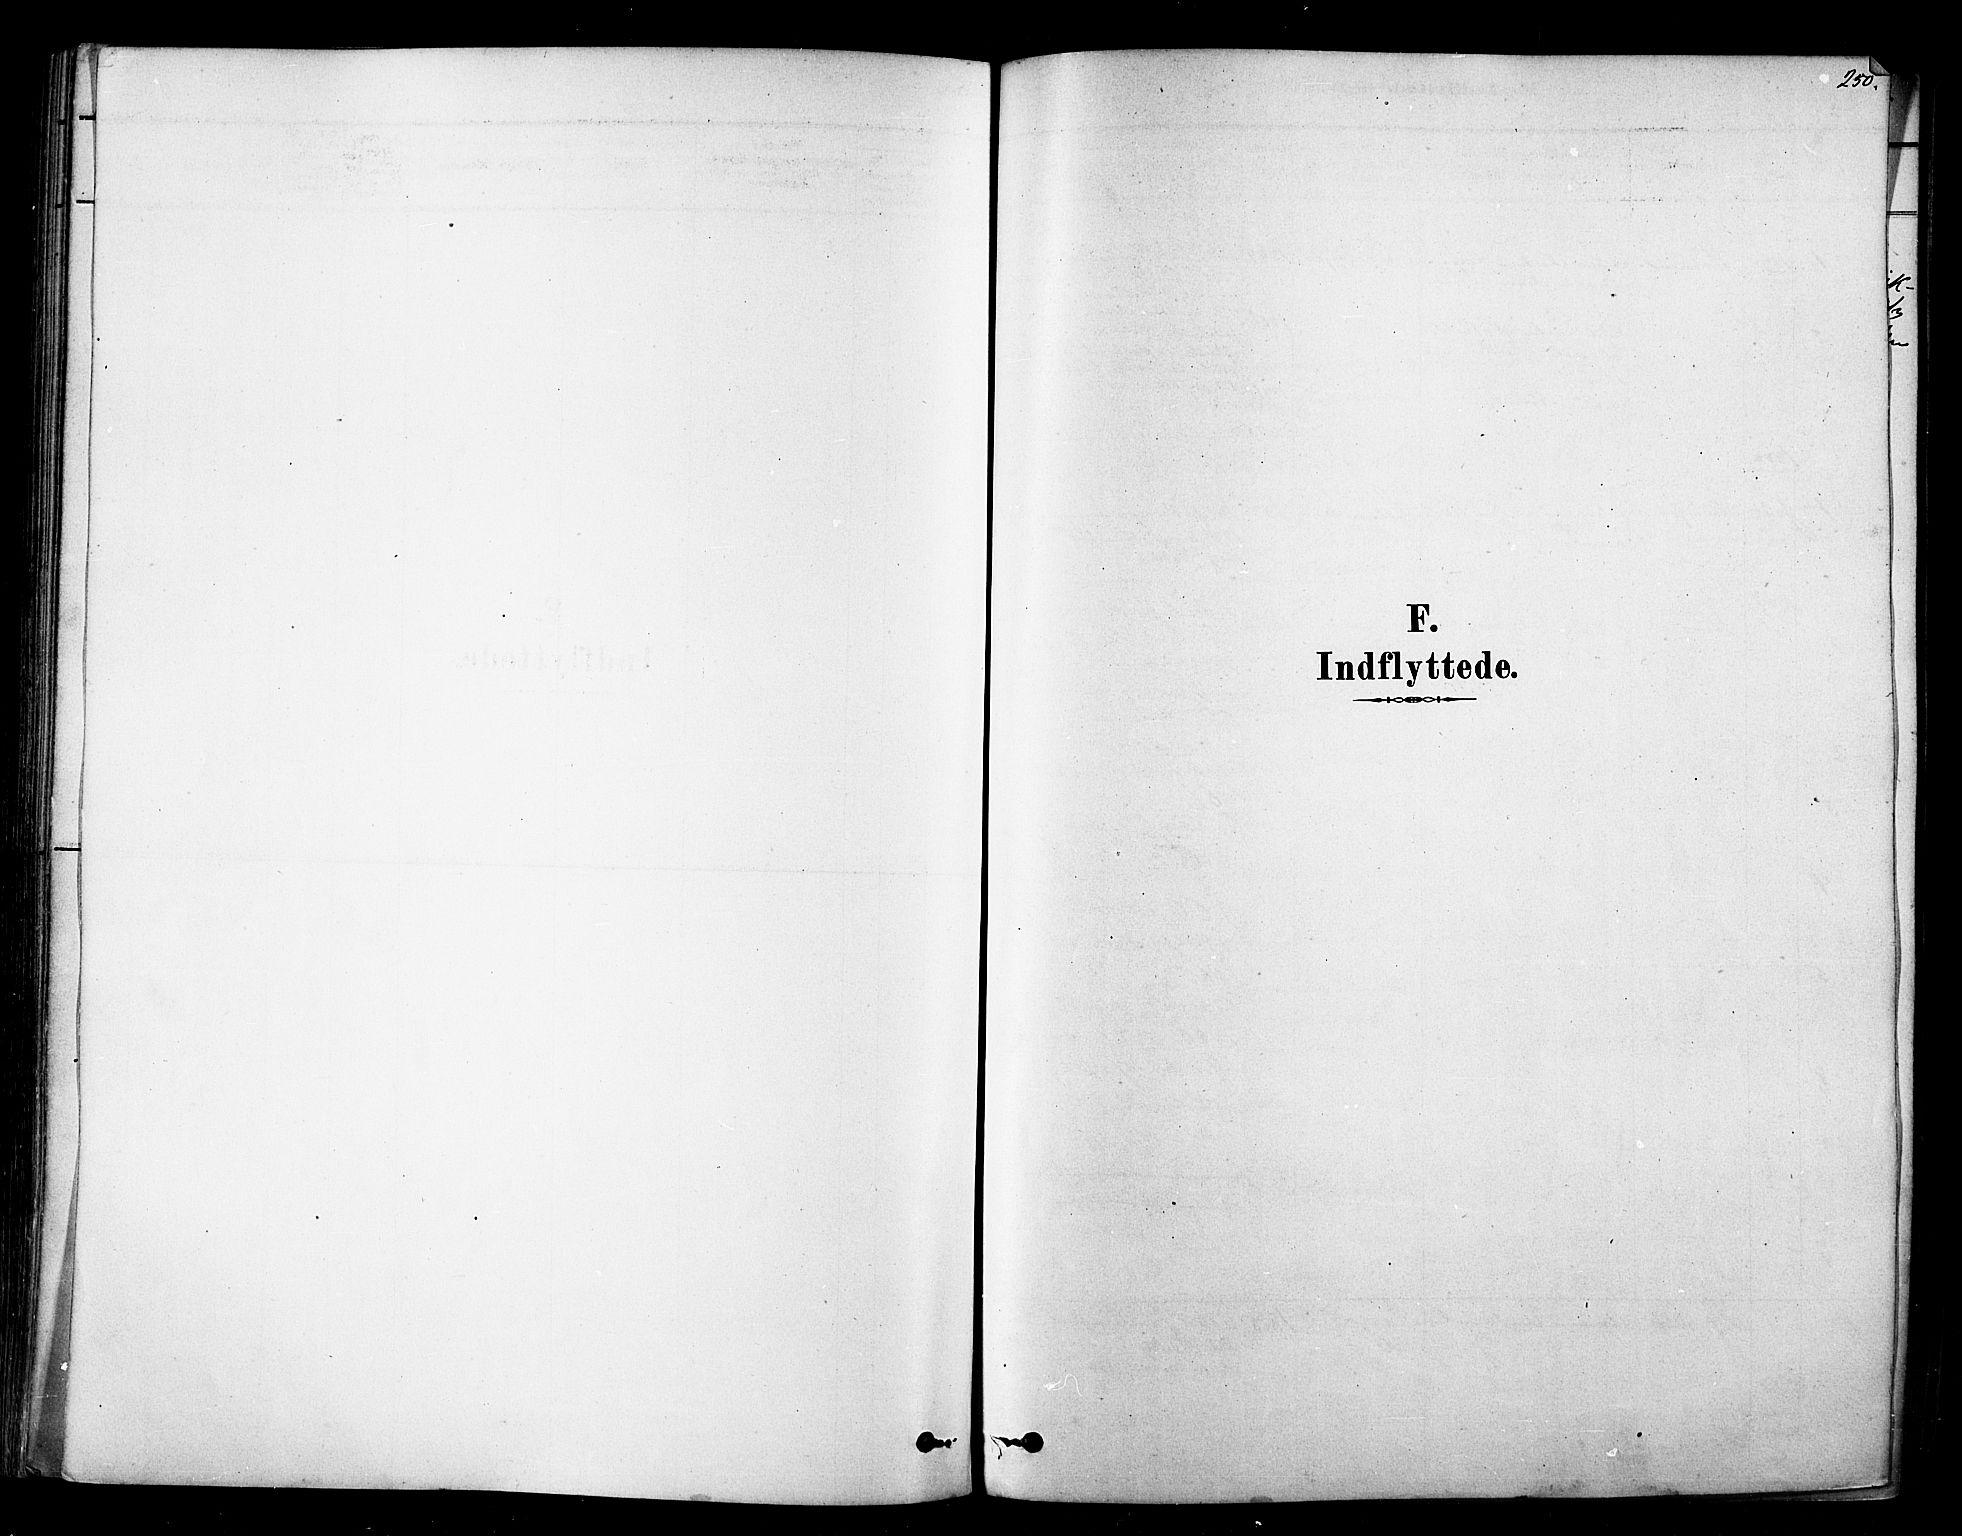 SATØ, Tana sokneprestkontor, H/Ha/L0004kirke: Ministerialbok nr. 4, 1878-1891, s. 250